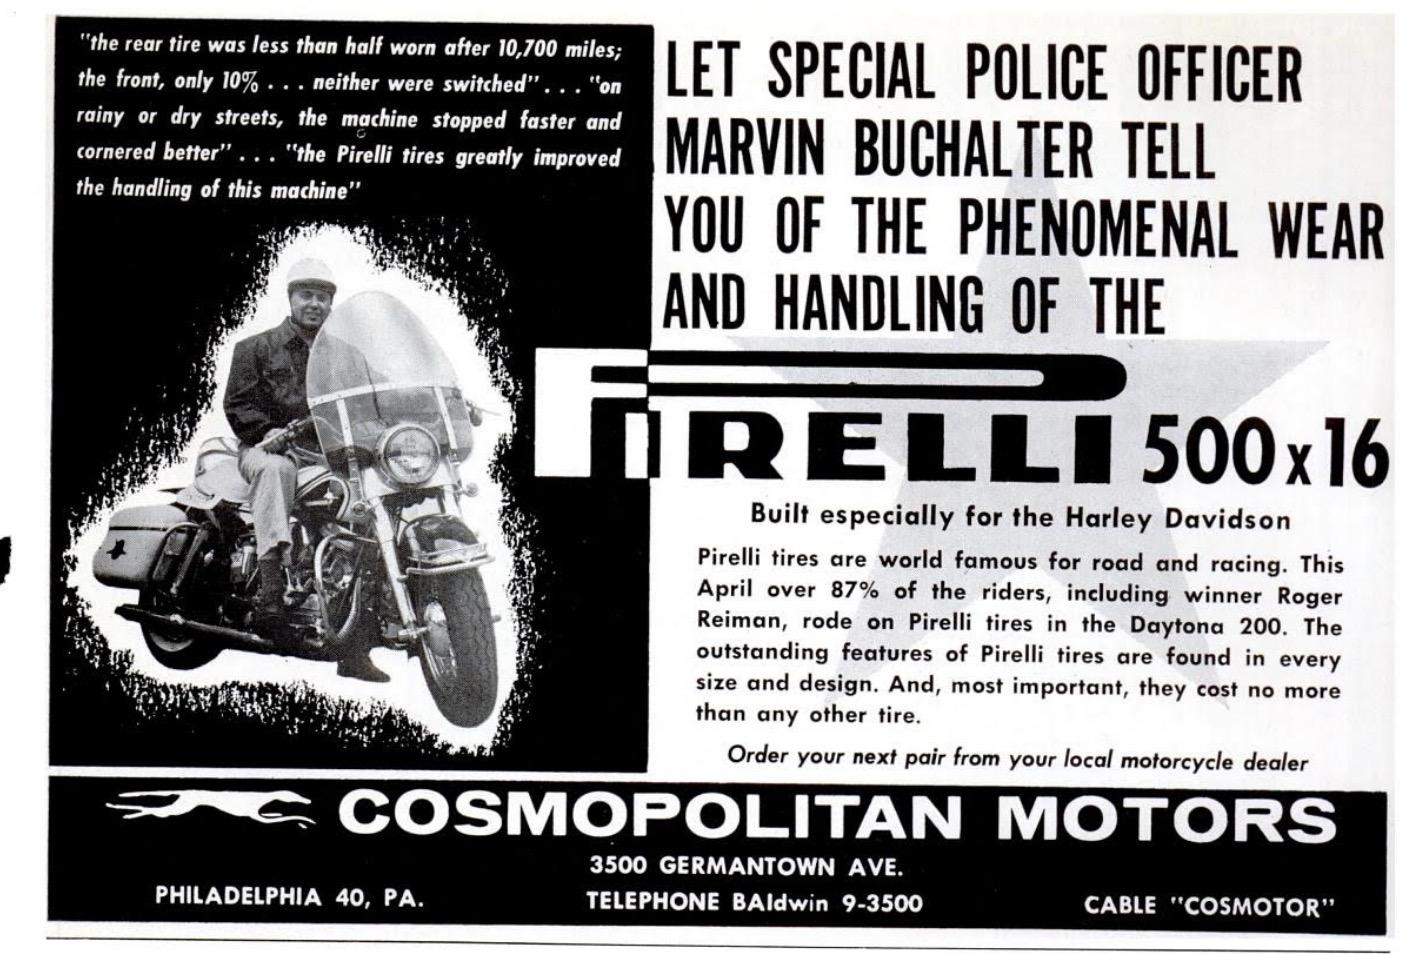 Rueda Pirelli especial para policía